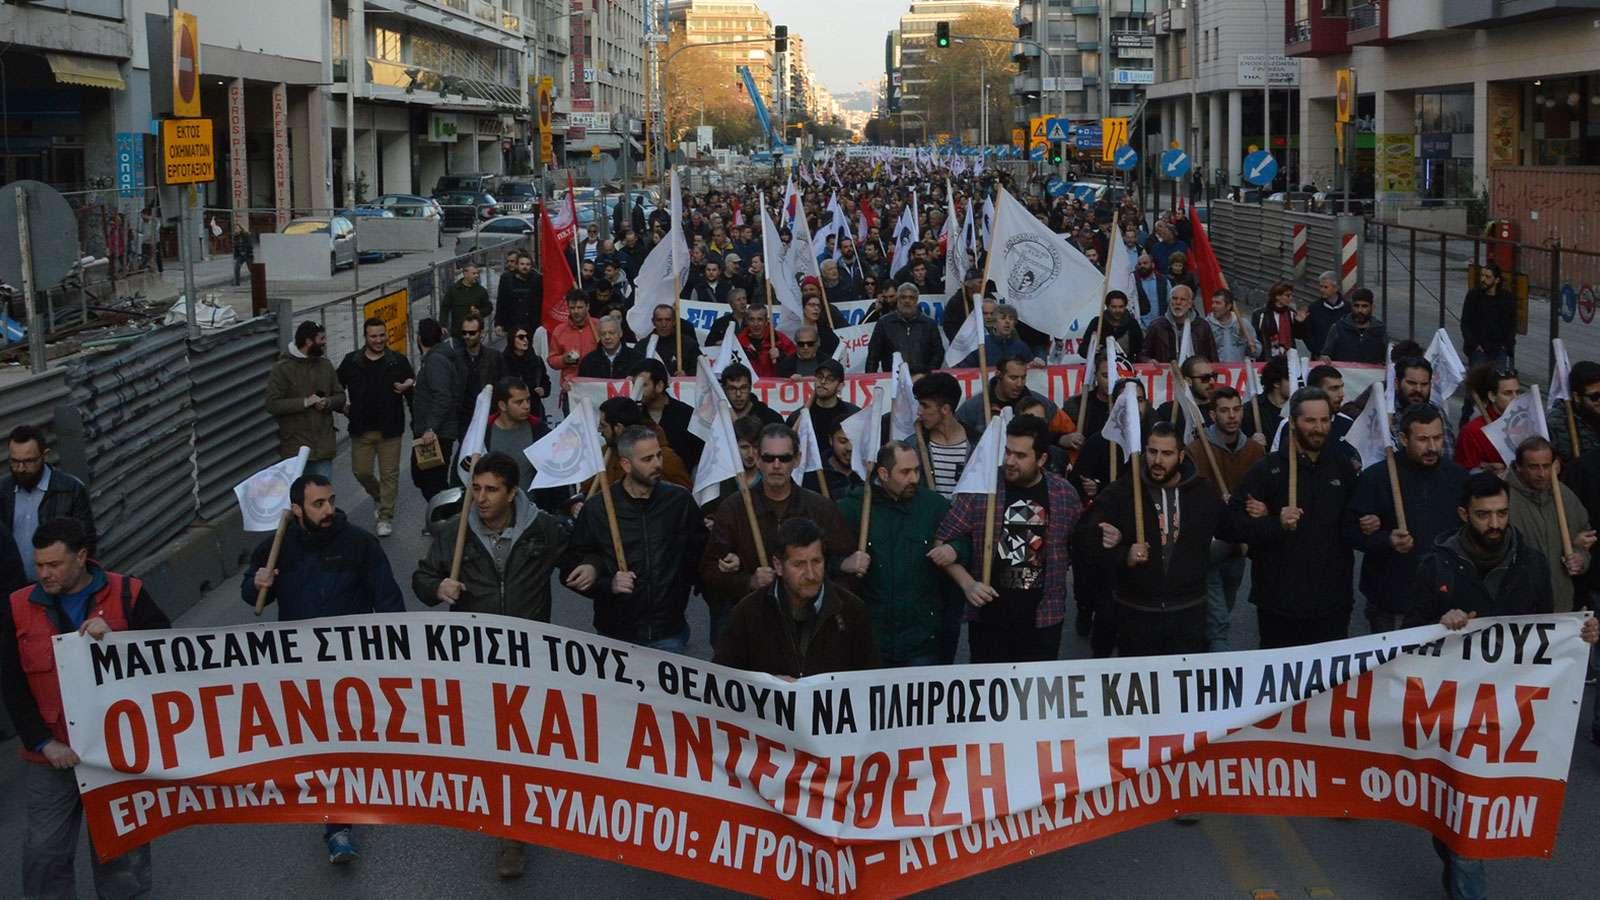 Thessaloniki rally 28 3 2018